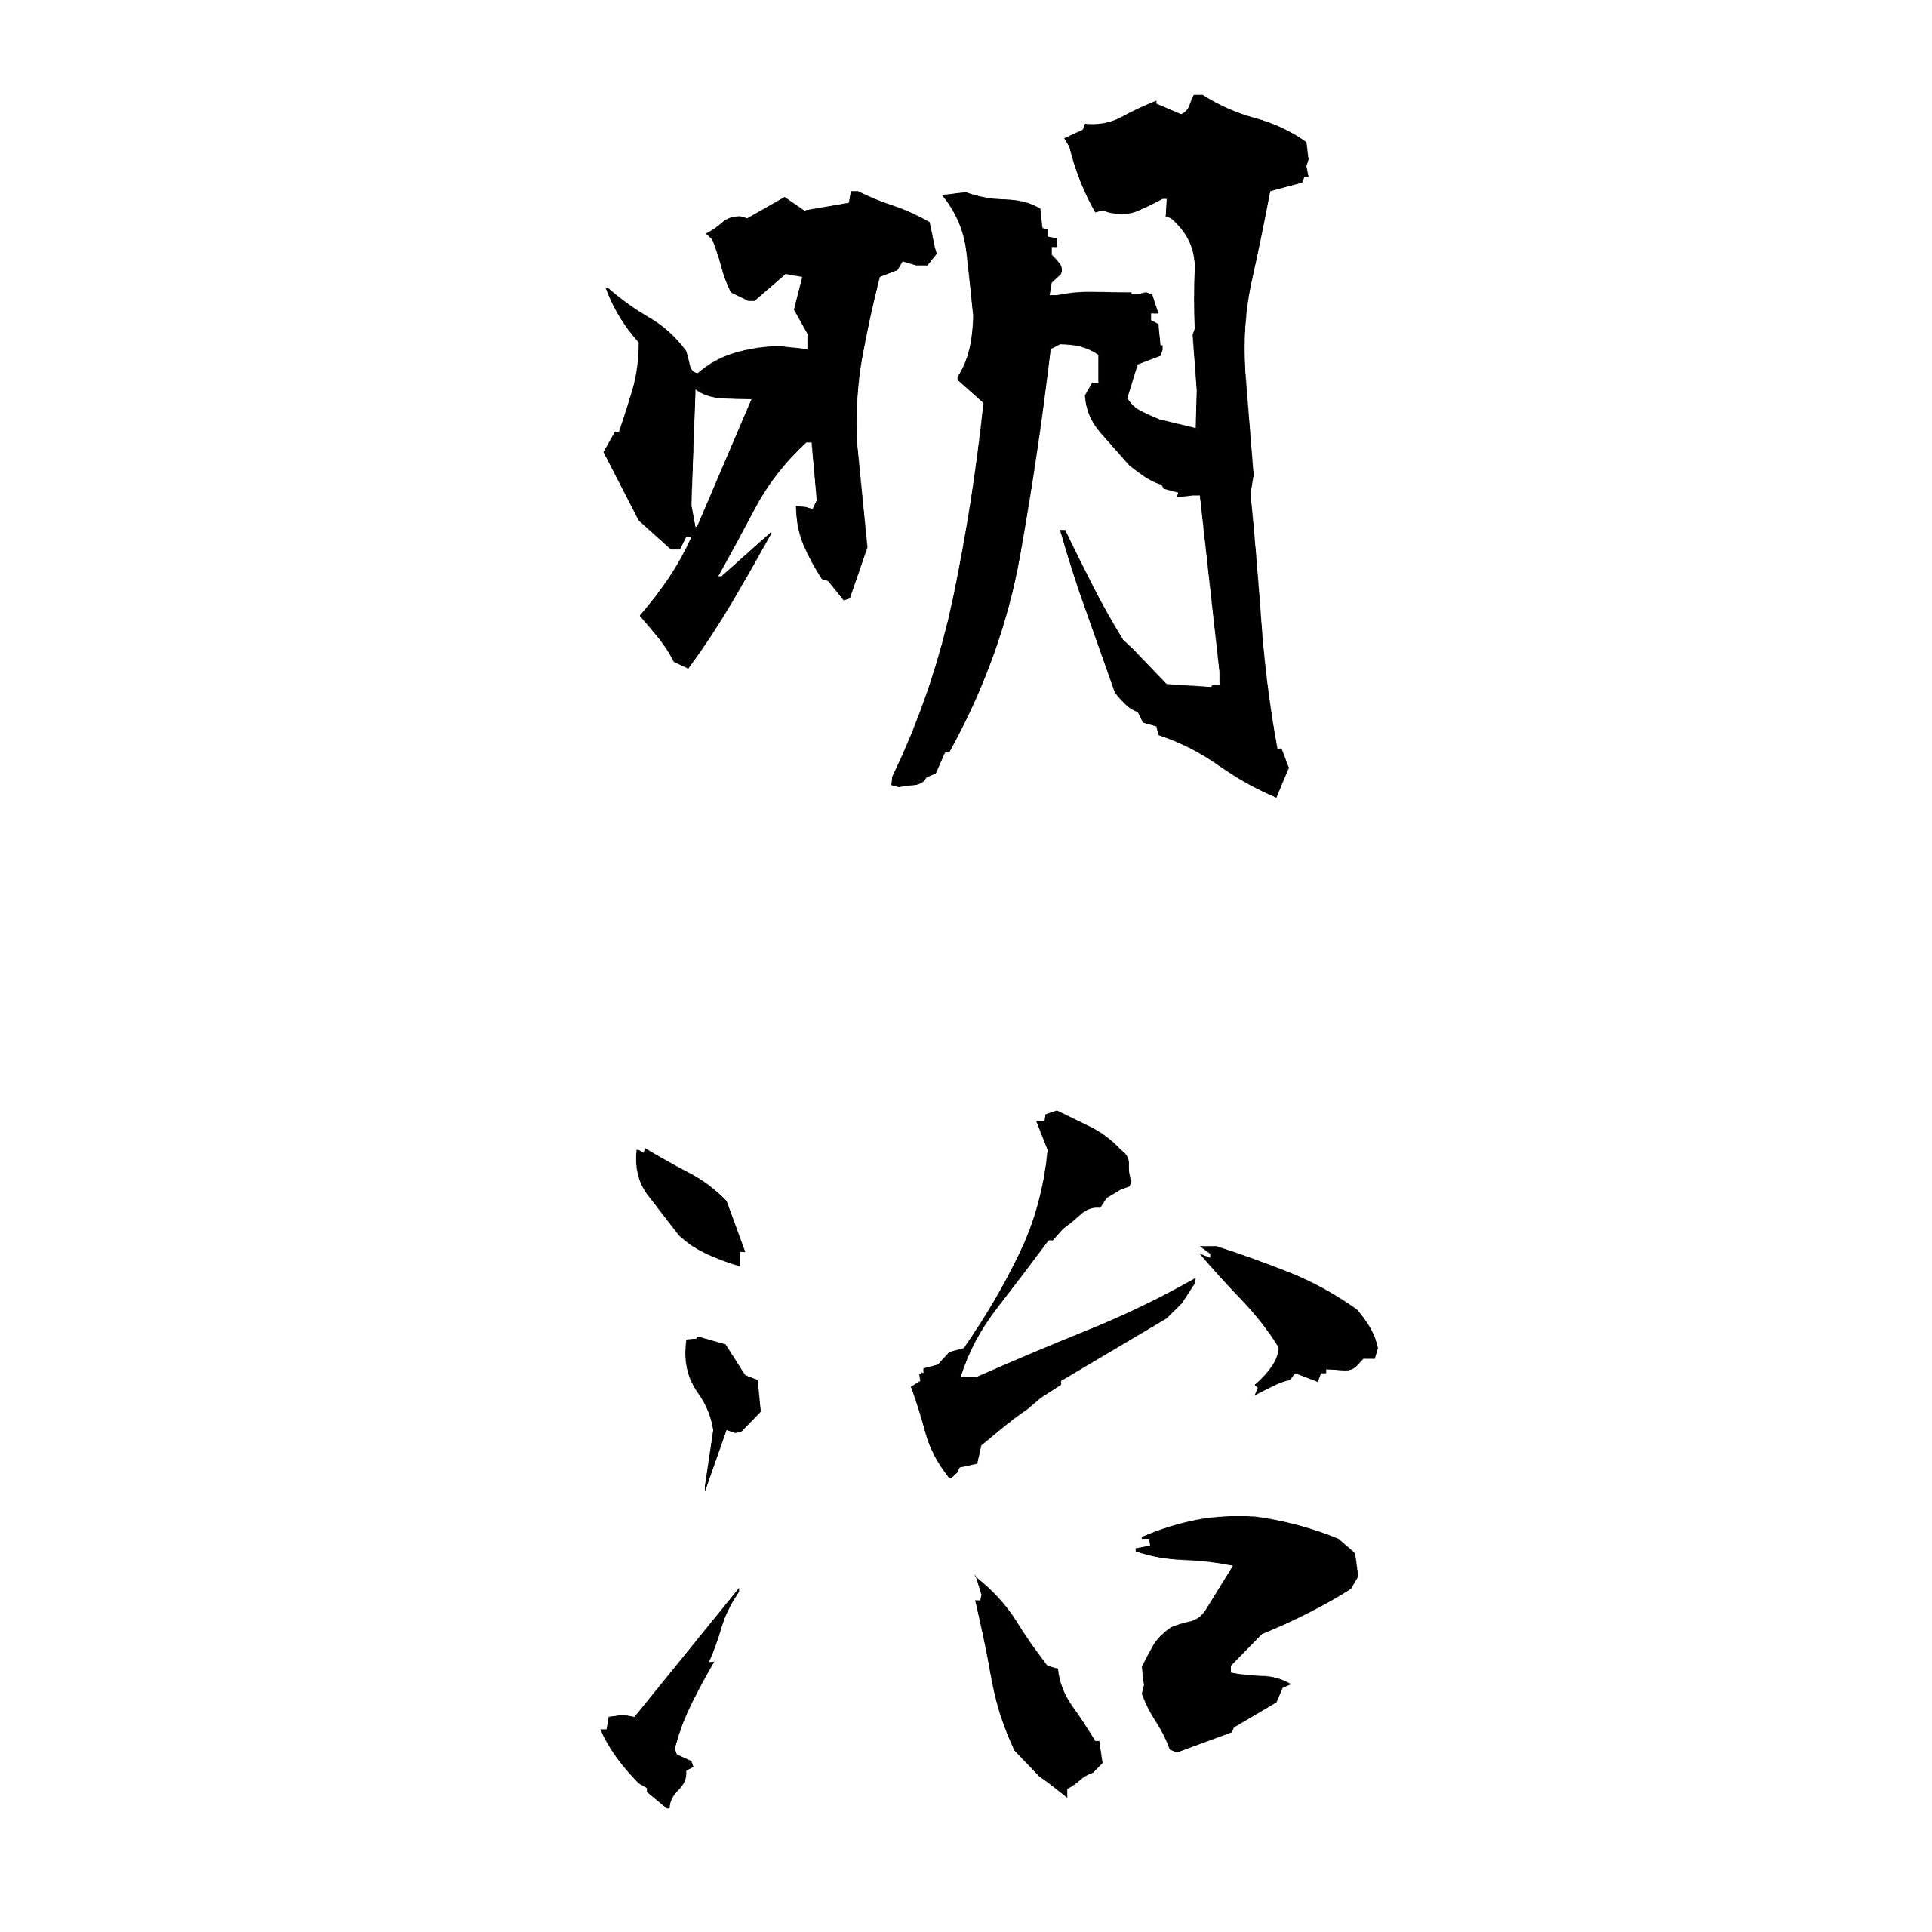 元号 Ipad壁紙 明治 その他 スマホ用画像126446